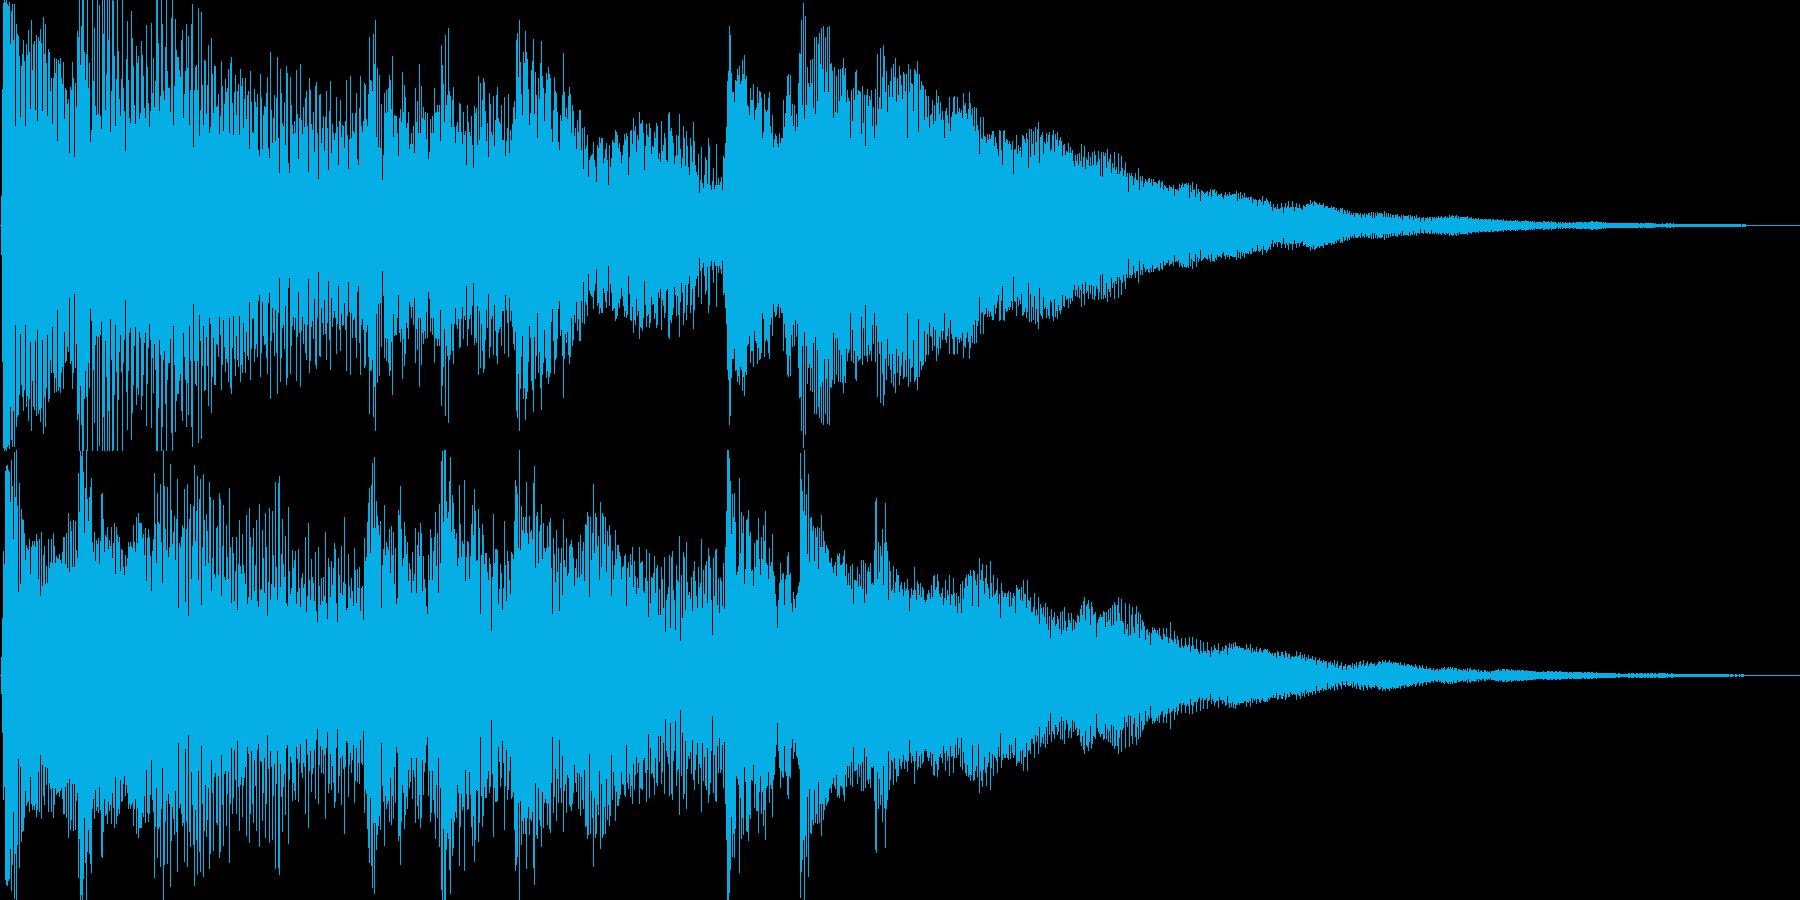 ピアノ音(ゲーム、アプリ、場面転換)の再生済みの波形